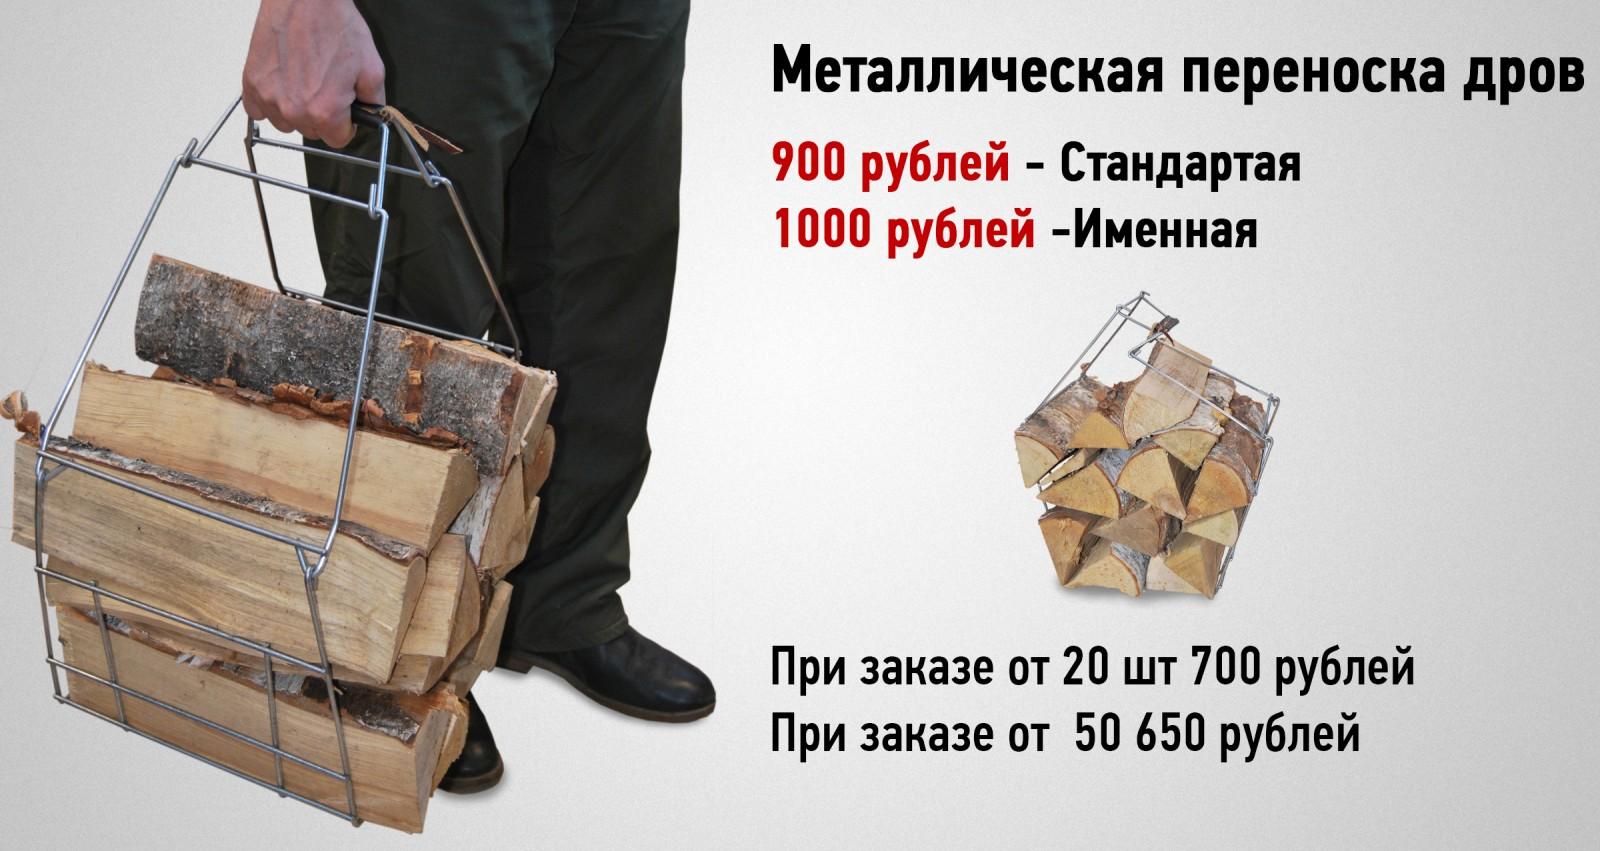 Приспособление для переноски дров. Изготовление металлических сеток для переноски дров в СПб.